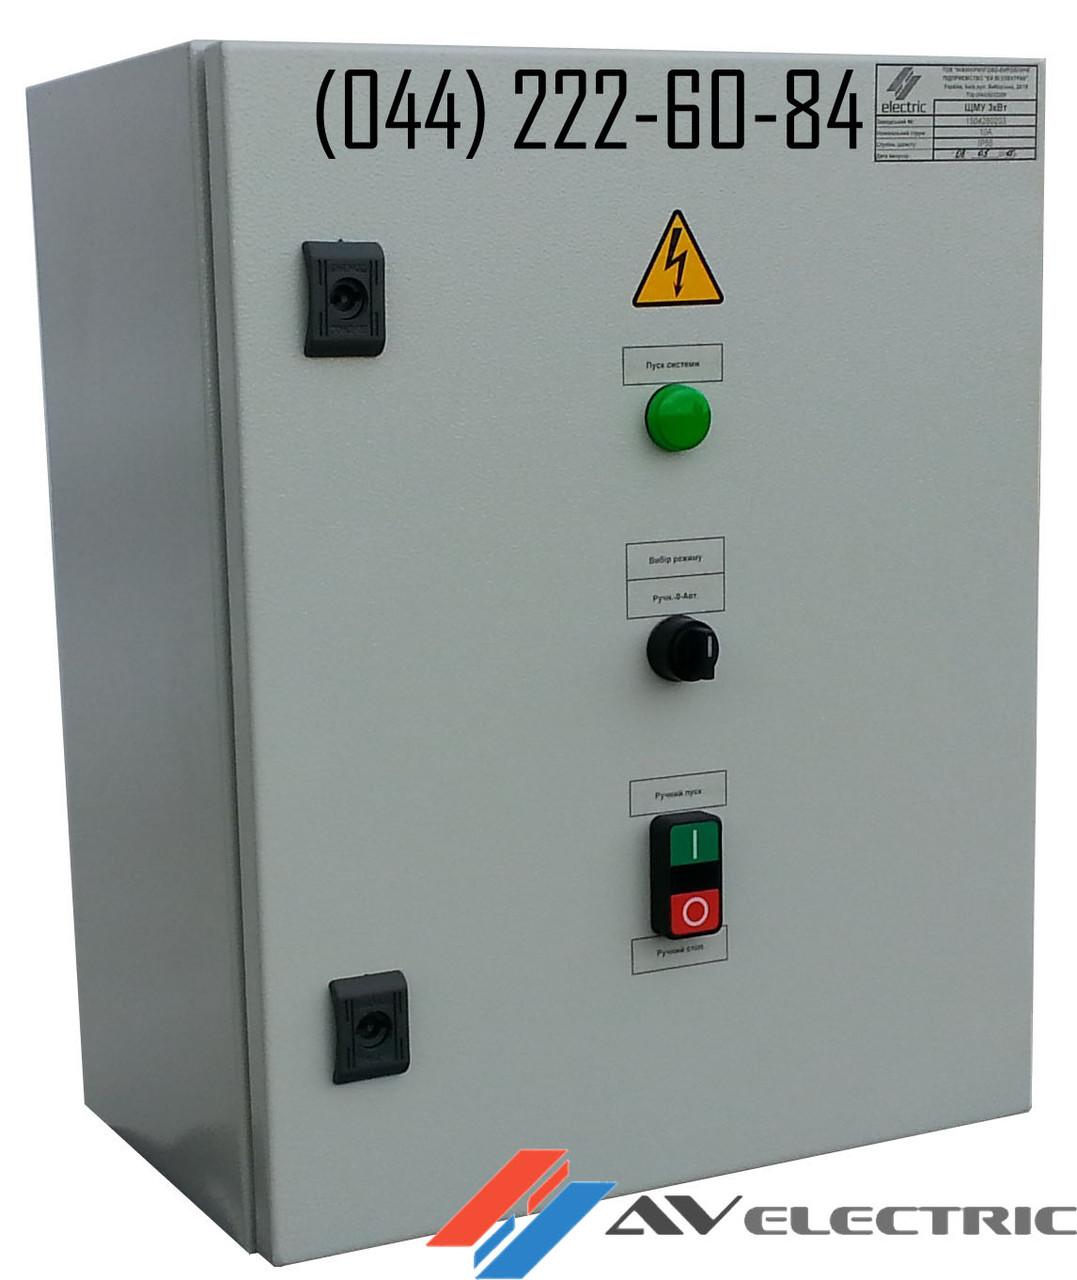 Ящик управления Я5110-2874 - КАП электро плюс в Киеве